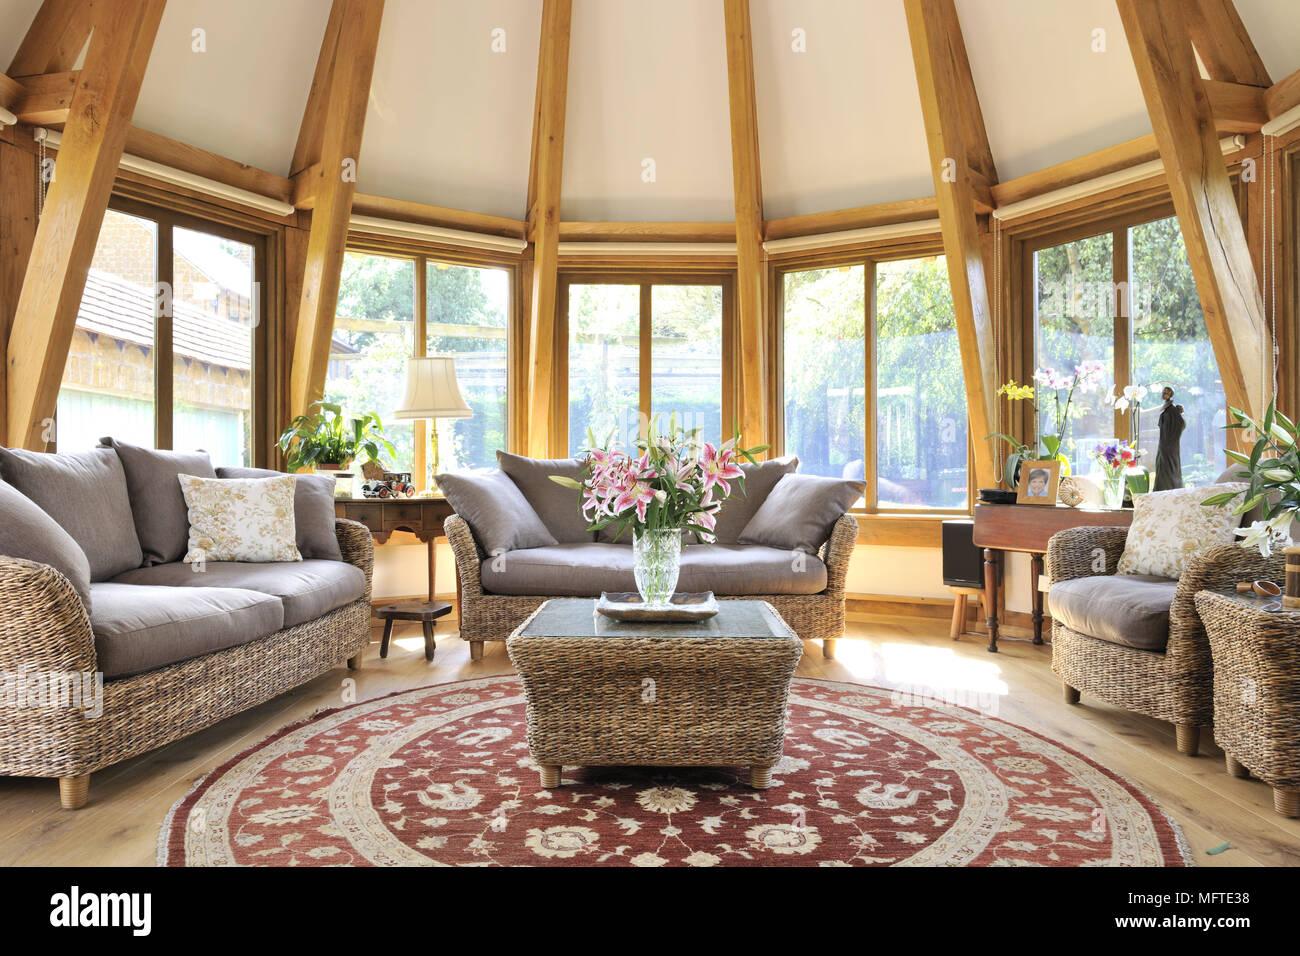 Korbmobeln Eingerichtet Im Modernen Landhausstil Wohnzimmer